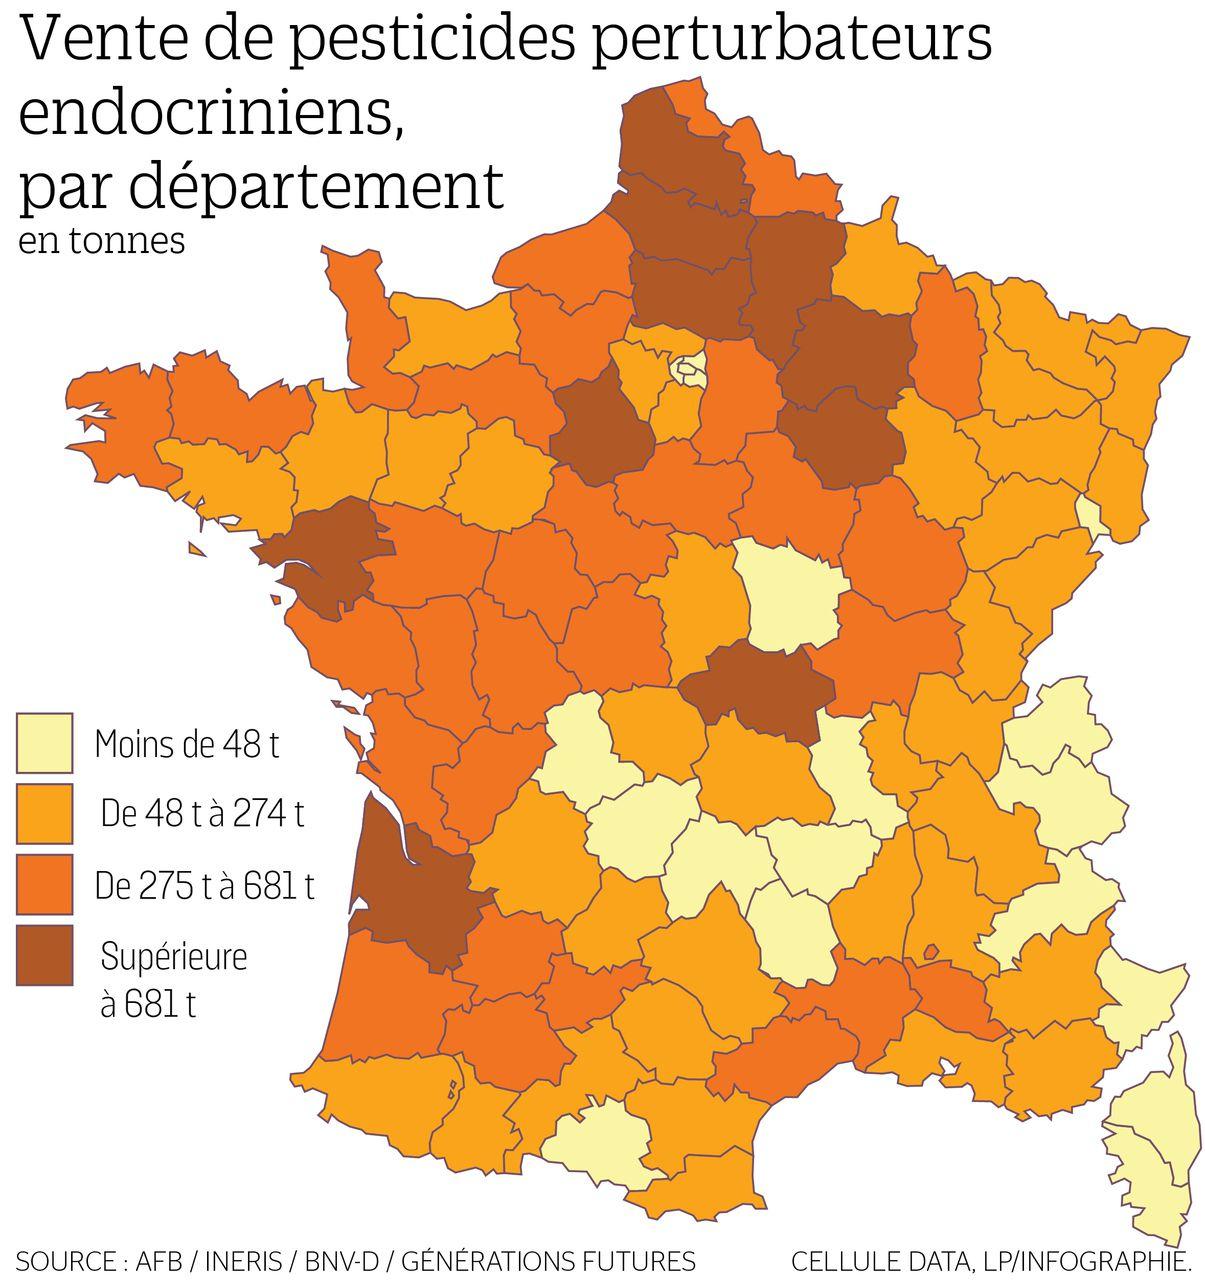 La Carte De France Des Départements Les Plus Consommateurs dedans Les Nouvelles Régions De France Et Leurs Départements